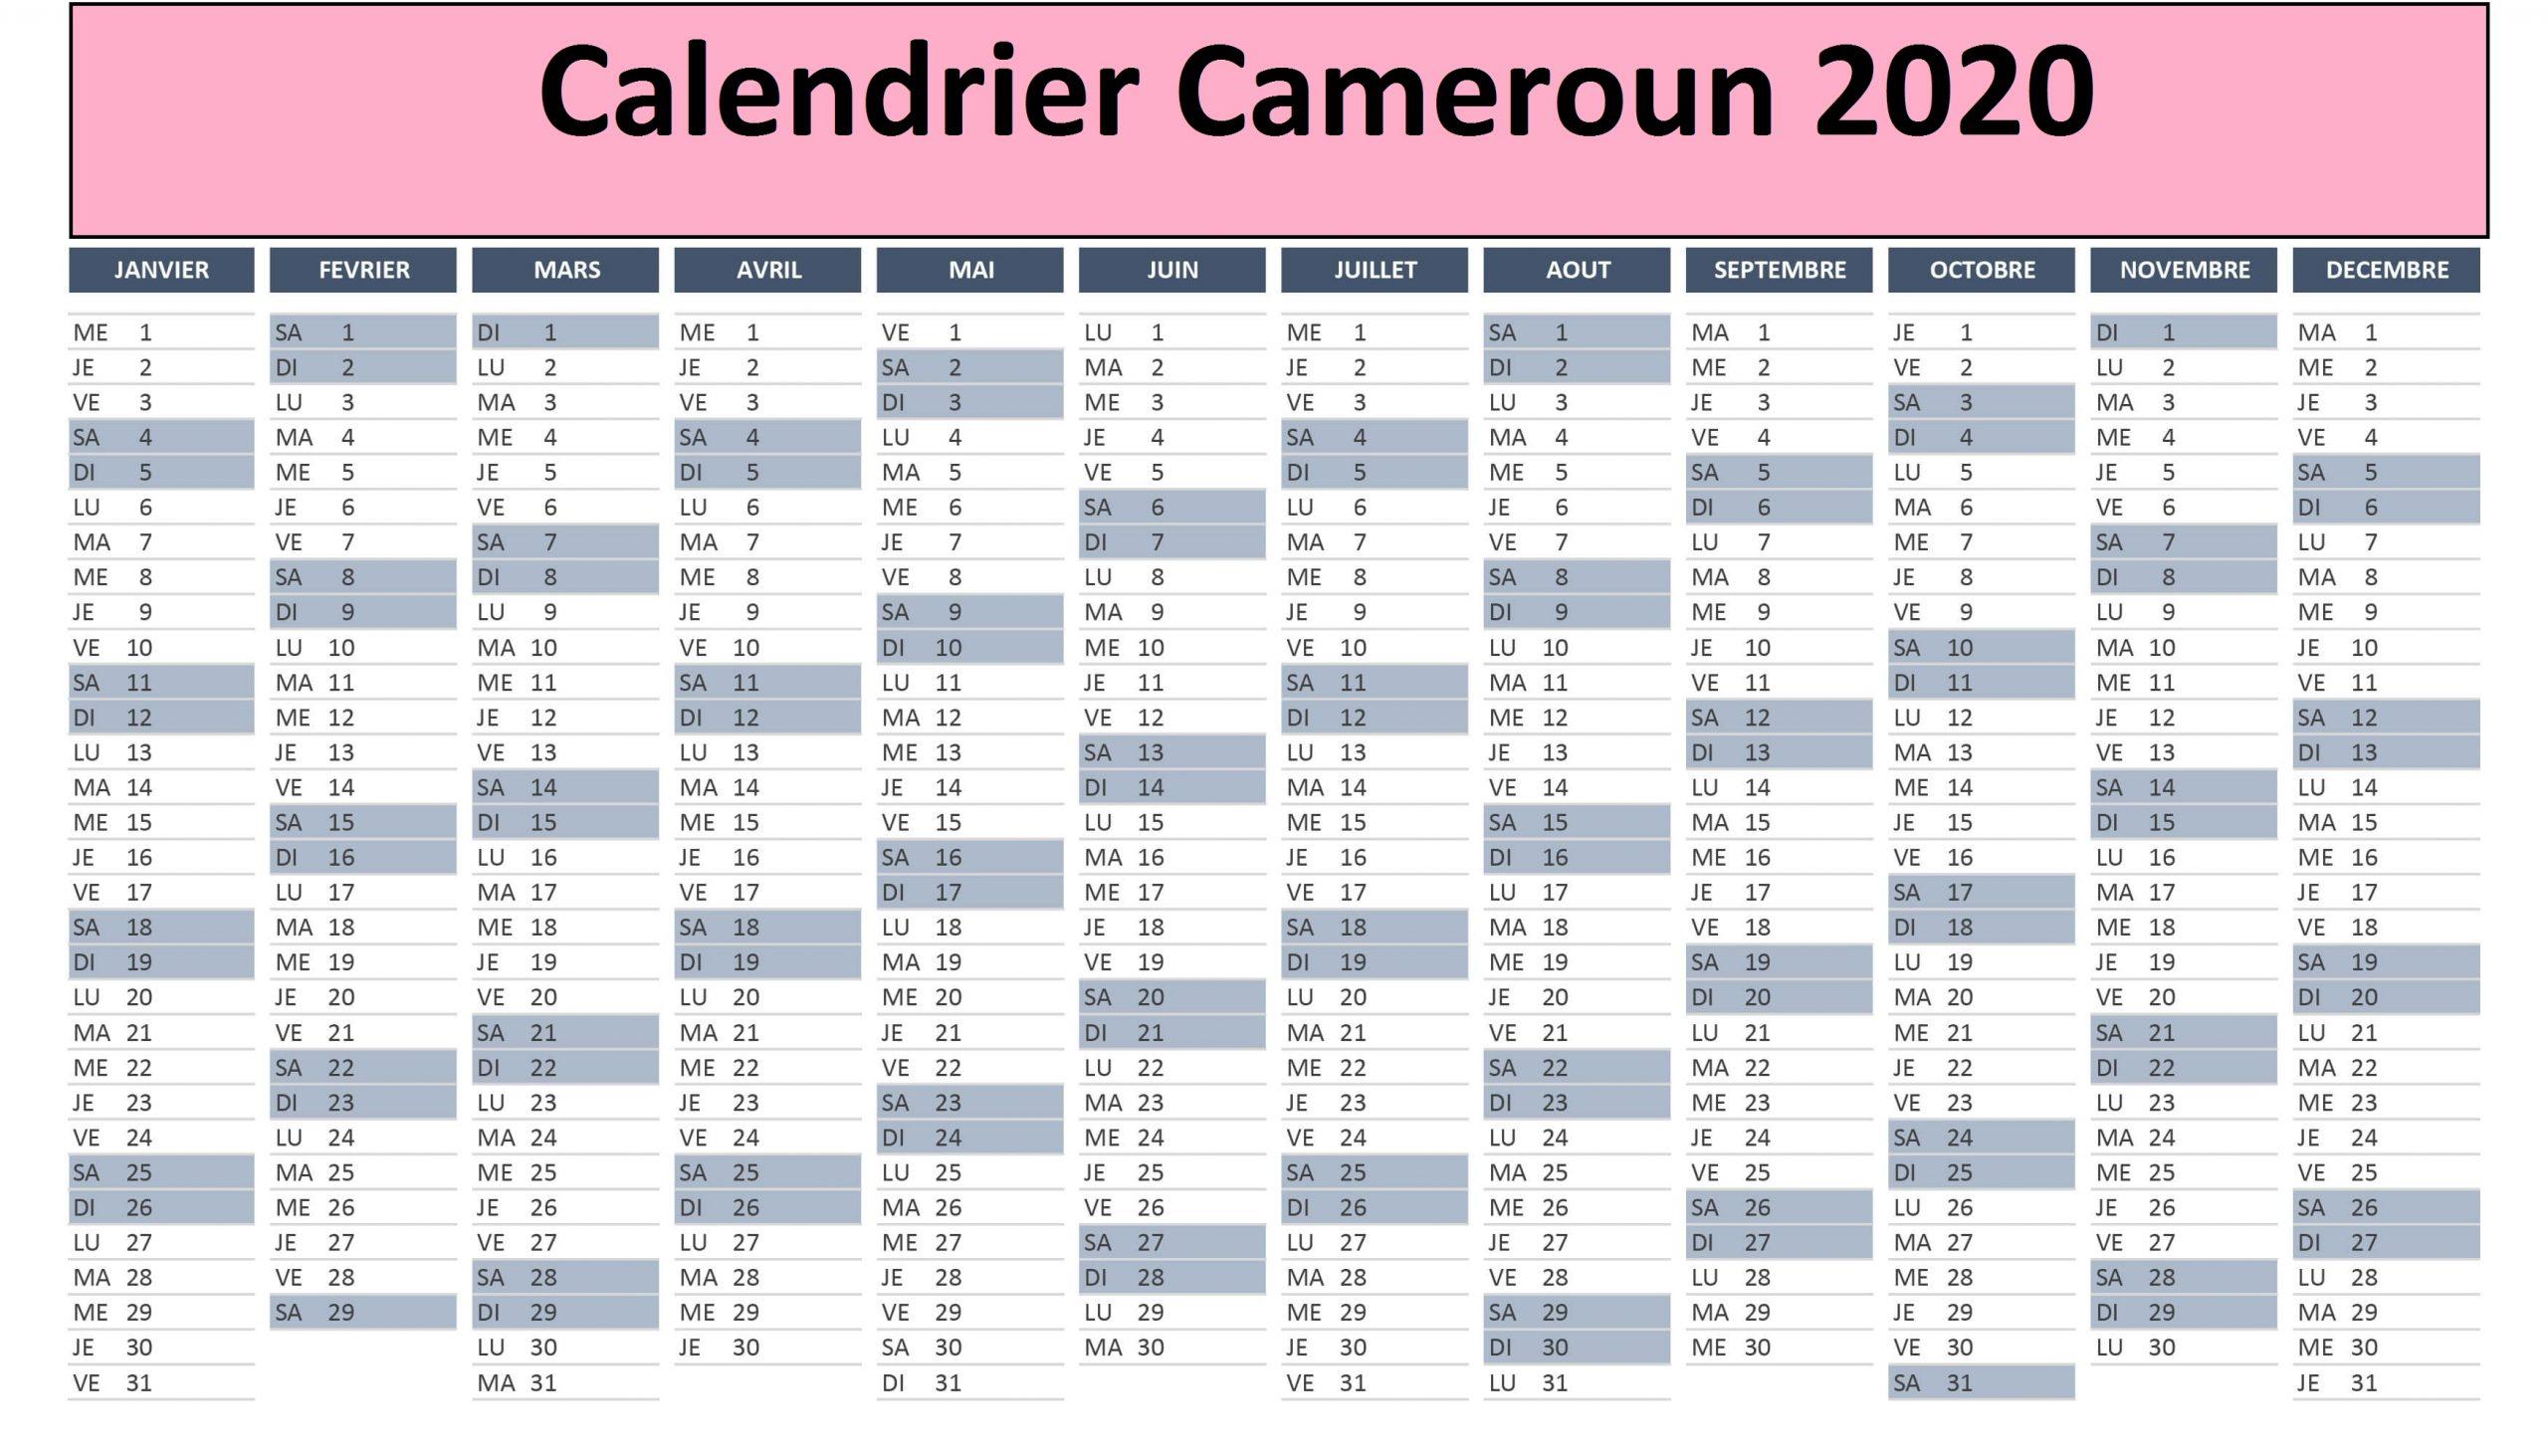 Calendrier Chan Cameroun 2020